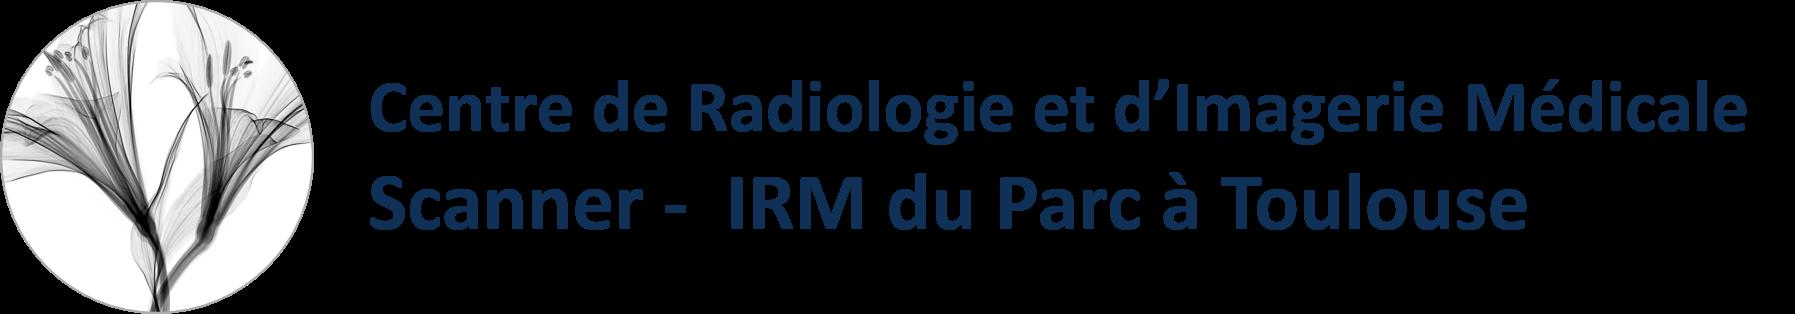 Centre de Radiologie du Parc